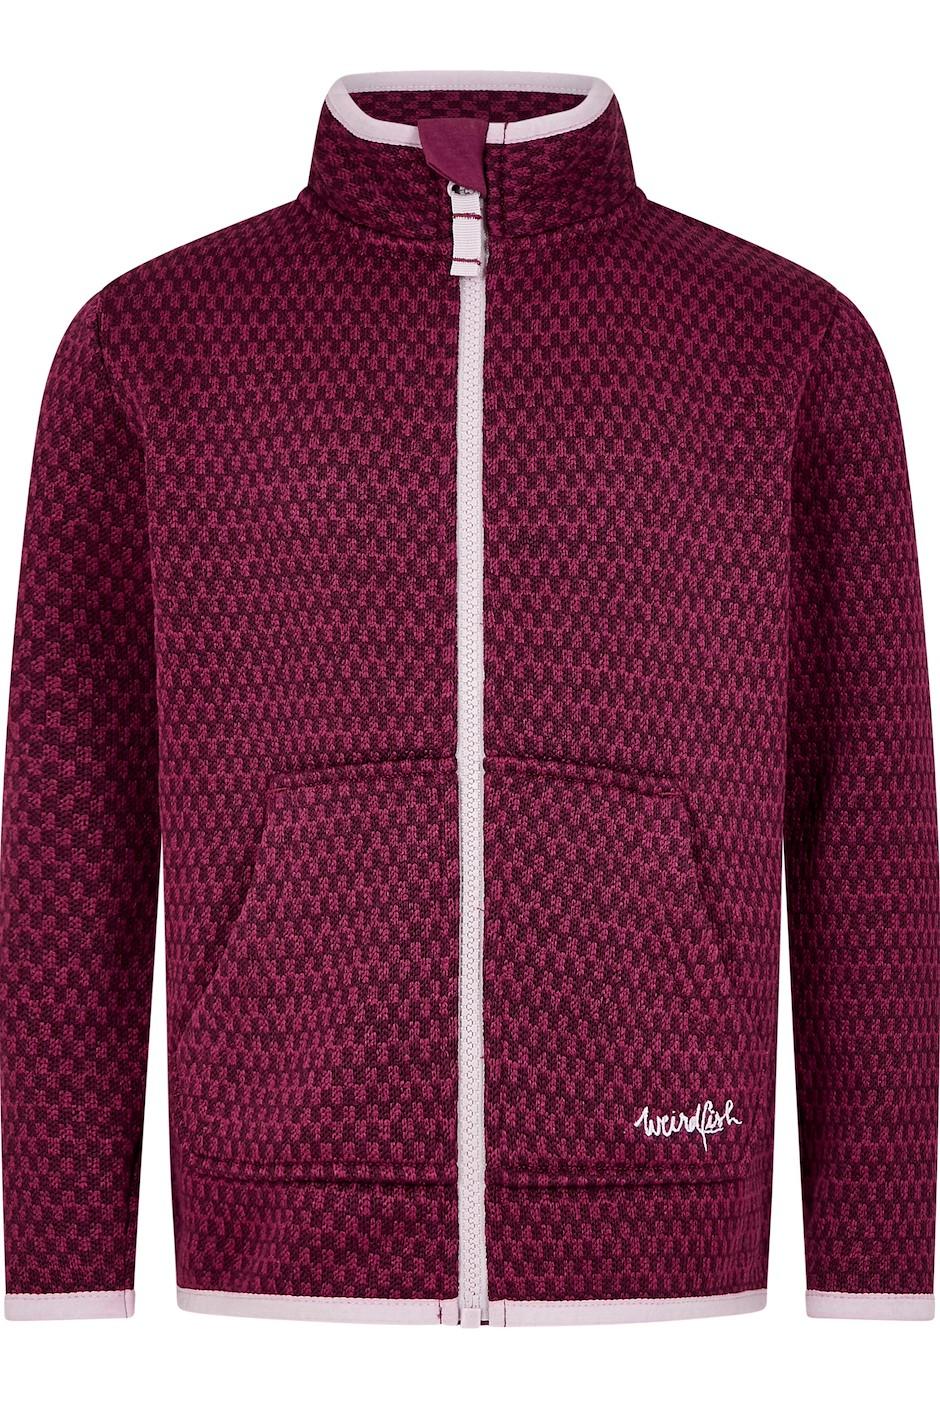 Warble Girls Full Zip Textured Fleece Purple Potion